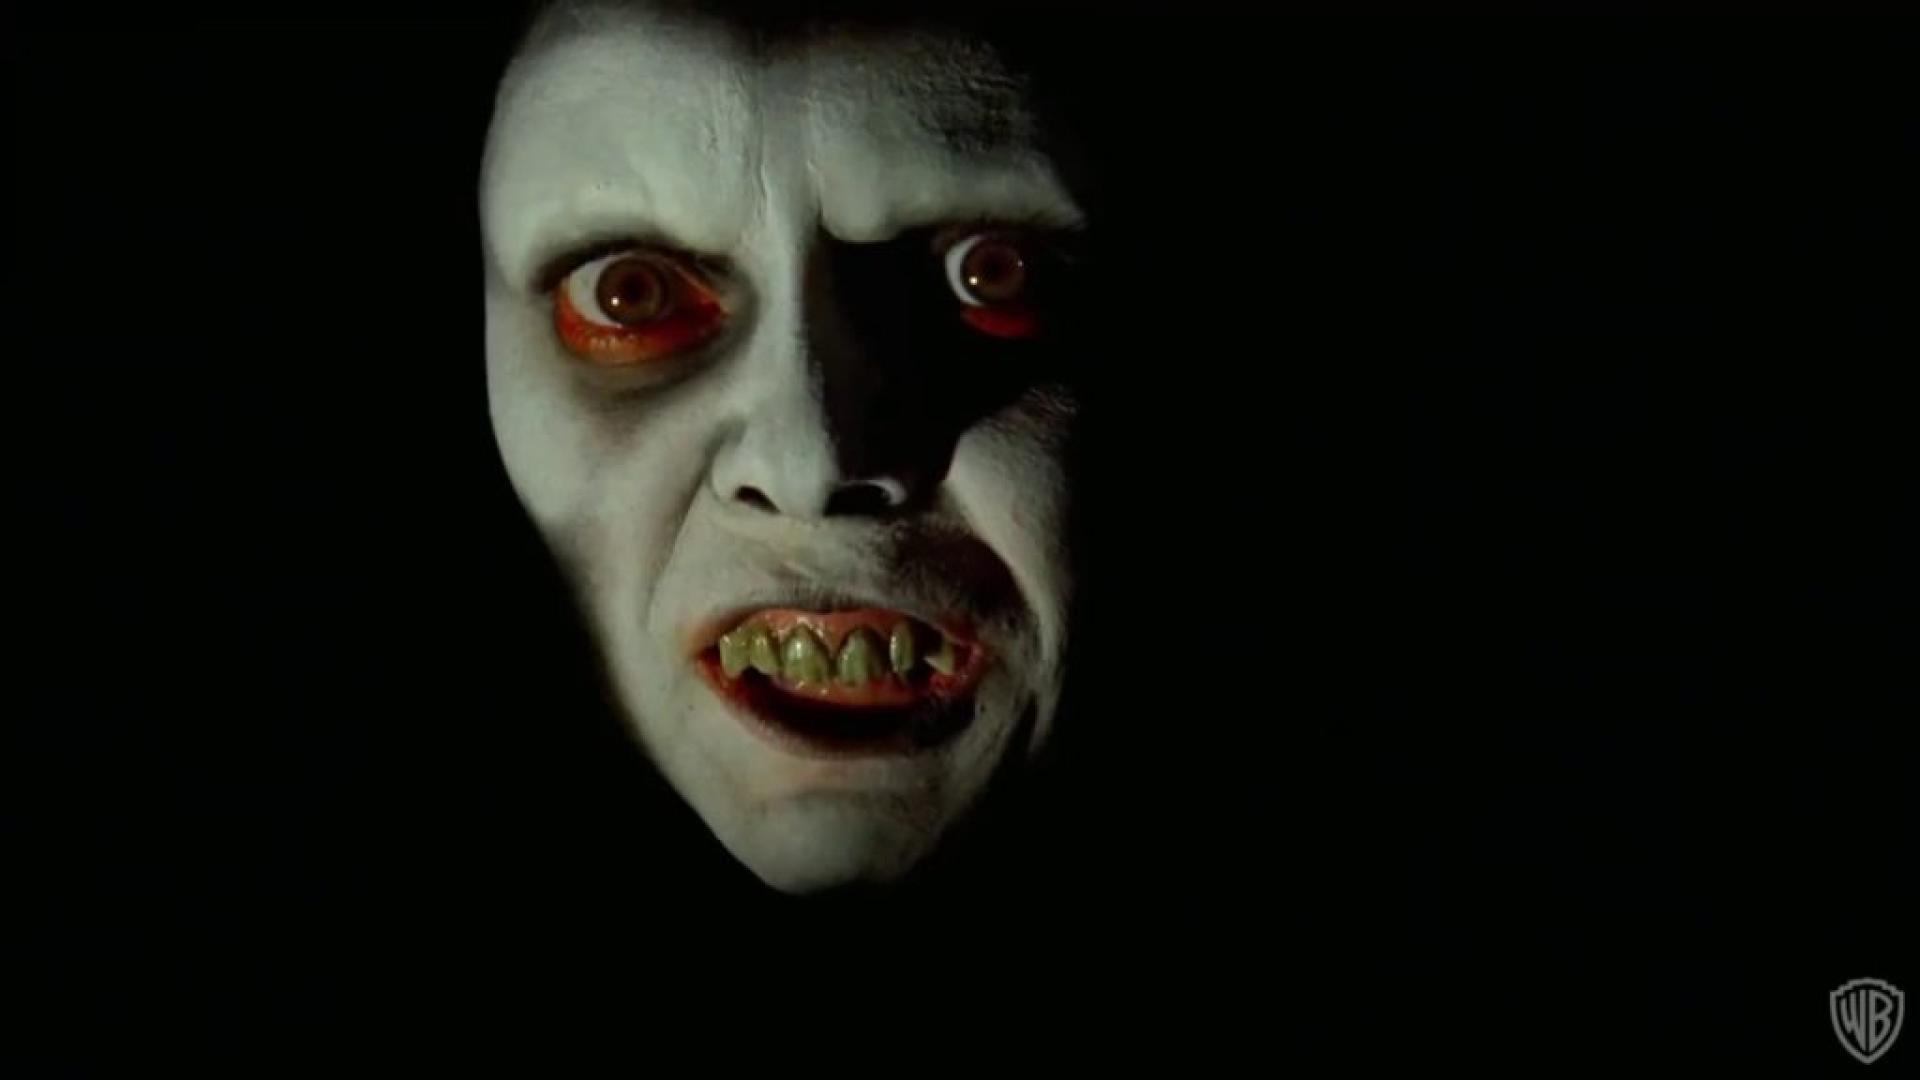 eli_roth_history_of_horror_demon_inside_1_kep